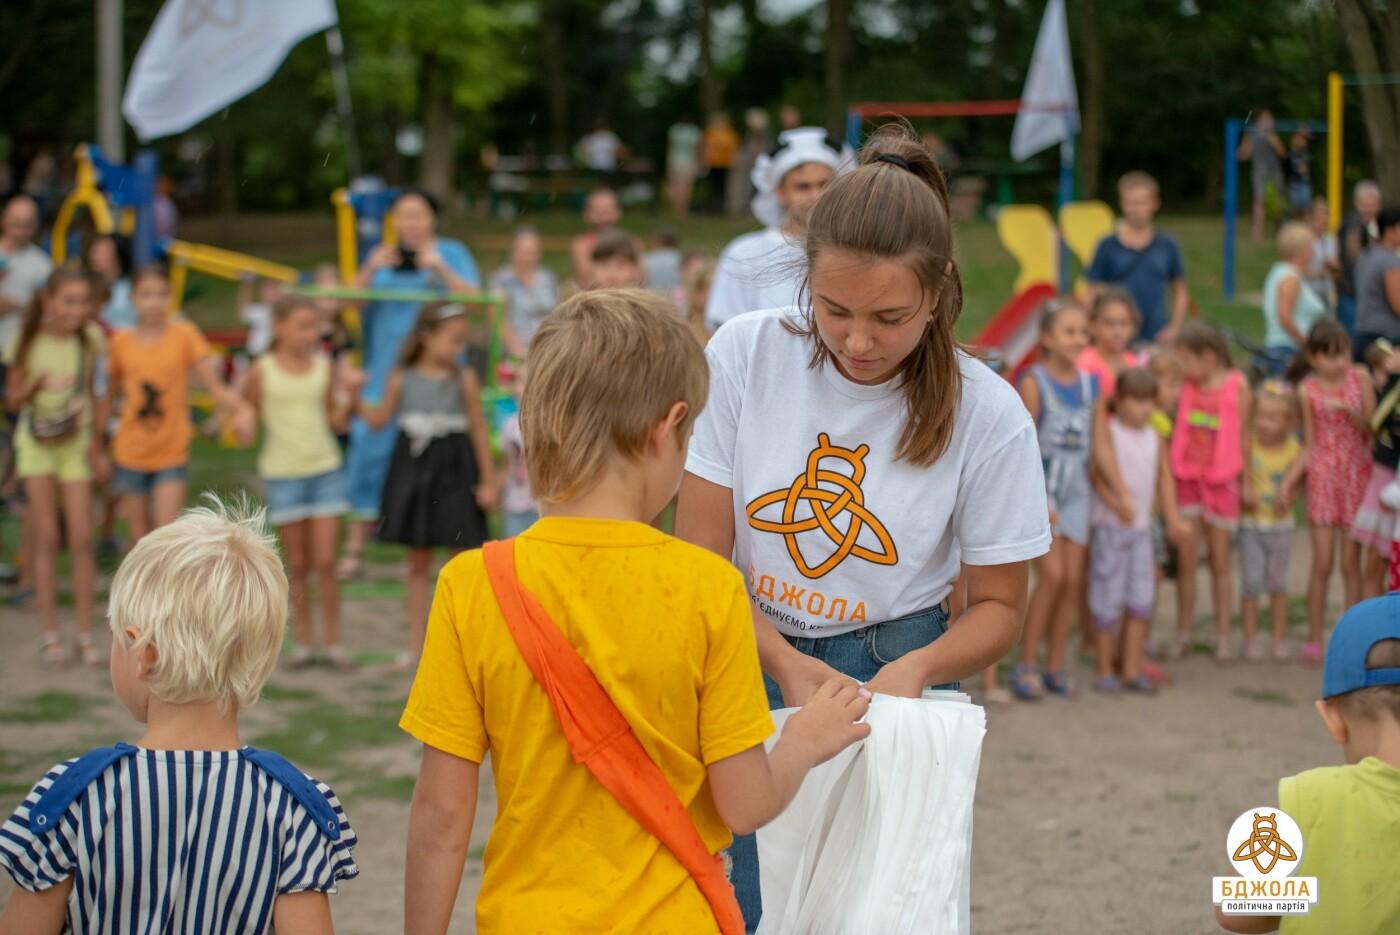 В поселке Романково прошел спортивный праздник «Вместе сильнее», фото-4